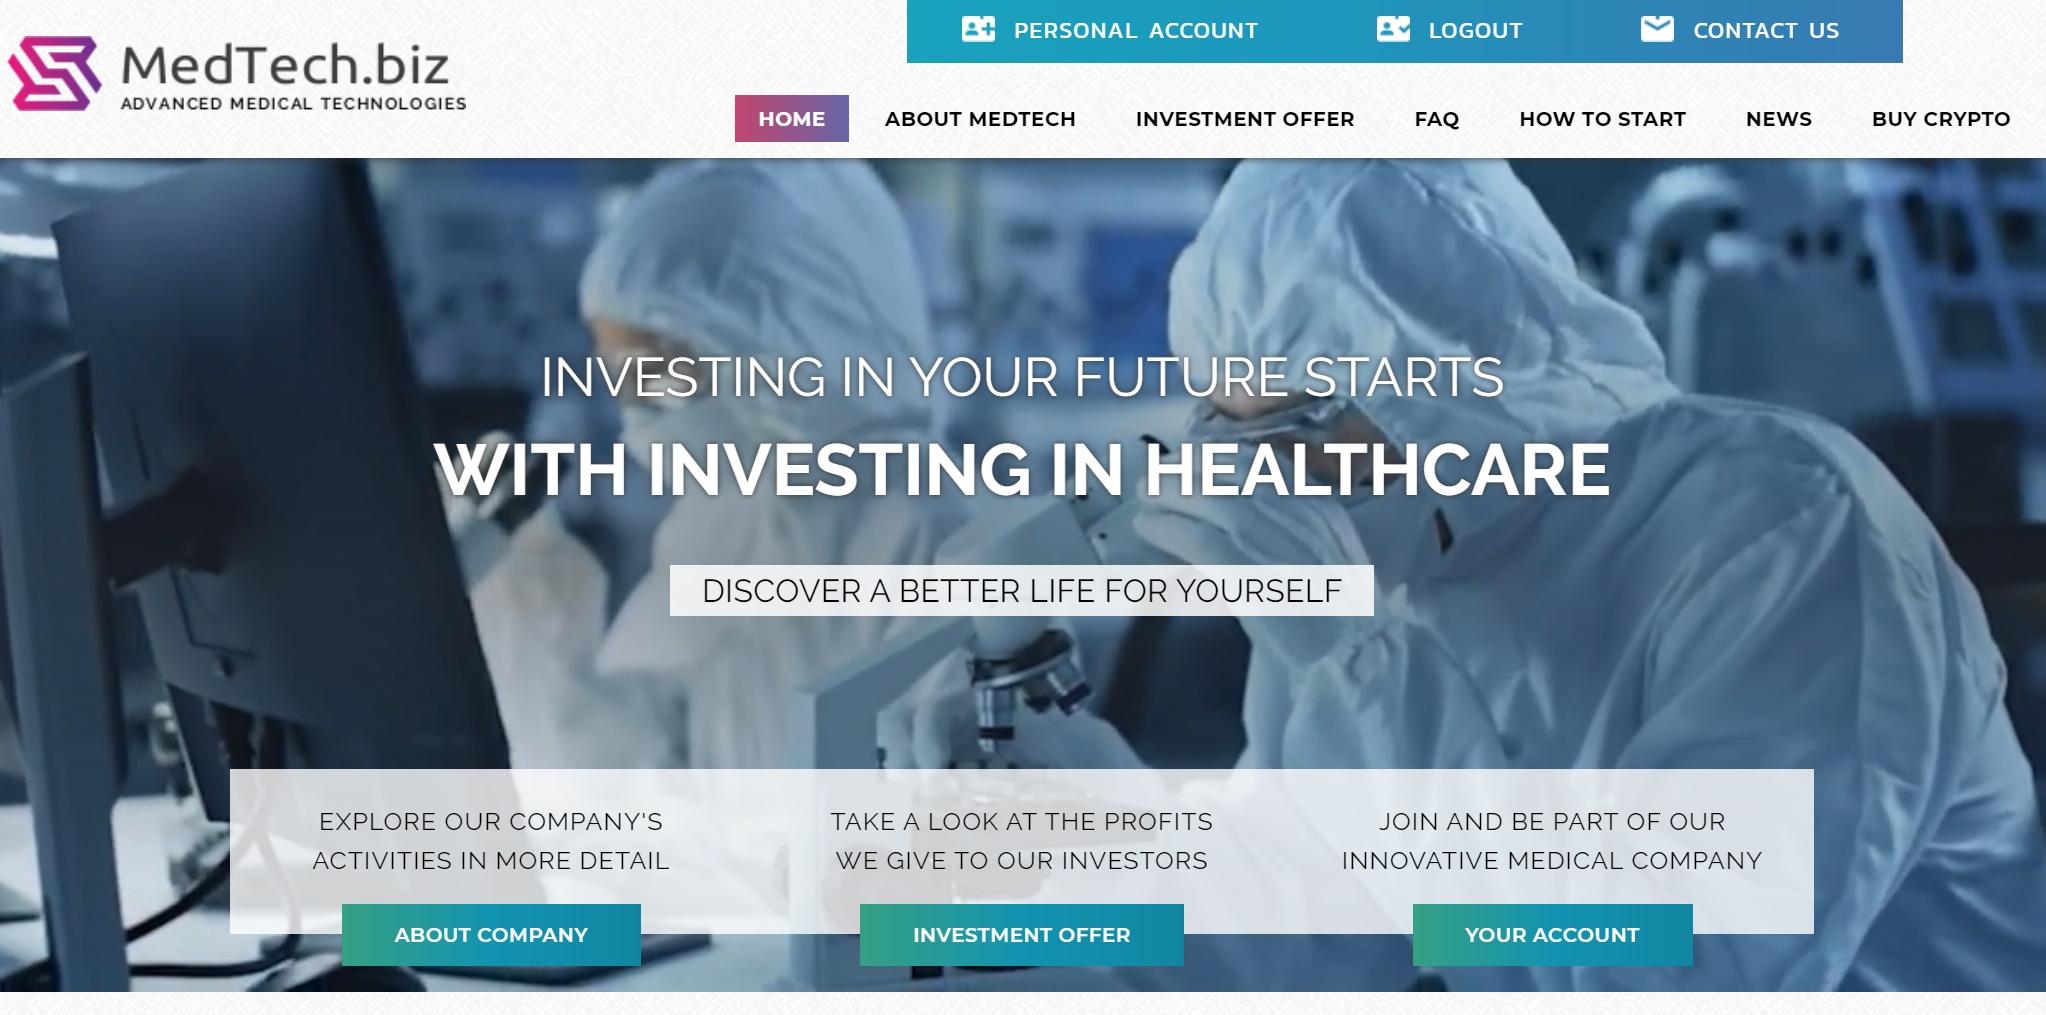 review hyip : medtech.biz